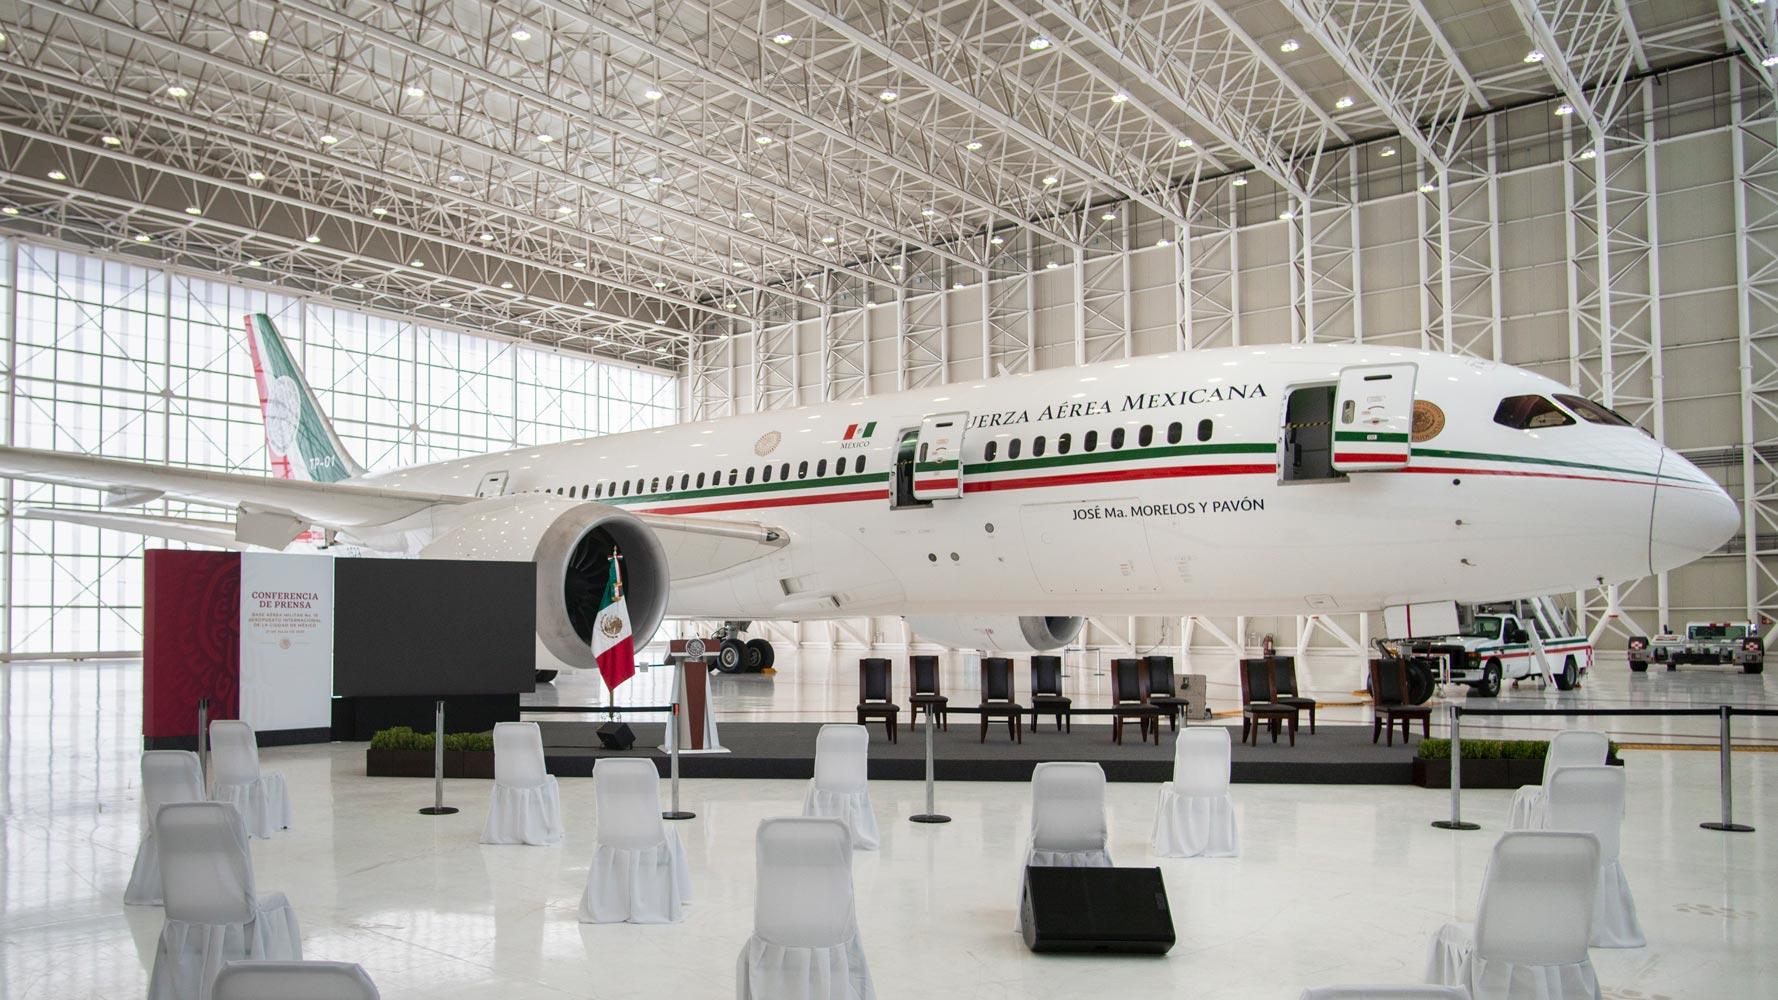 De JLP a Peña, México gastó 2,640 mdd en aviones y helicópteros al servicio del Estado